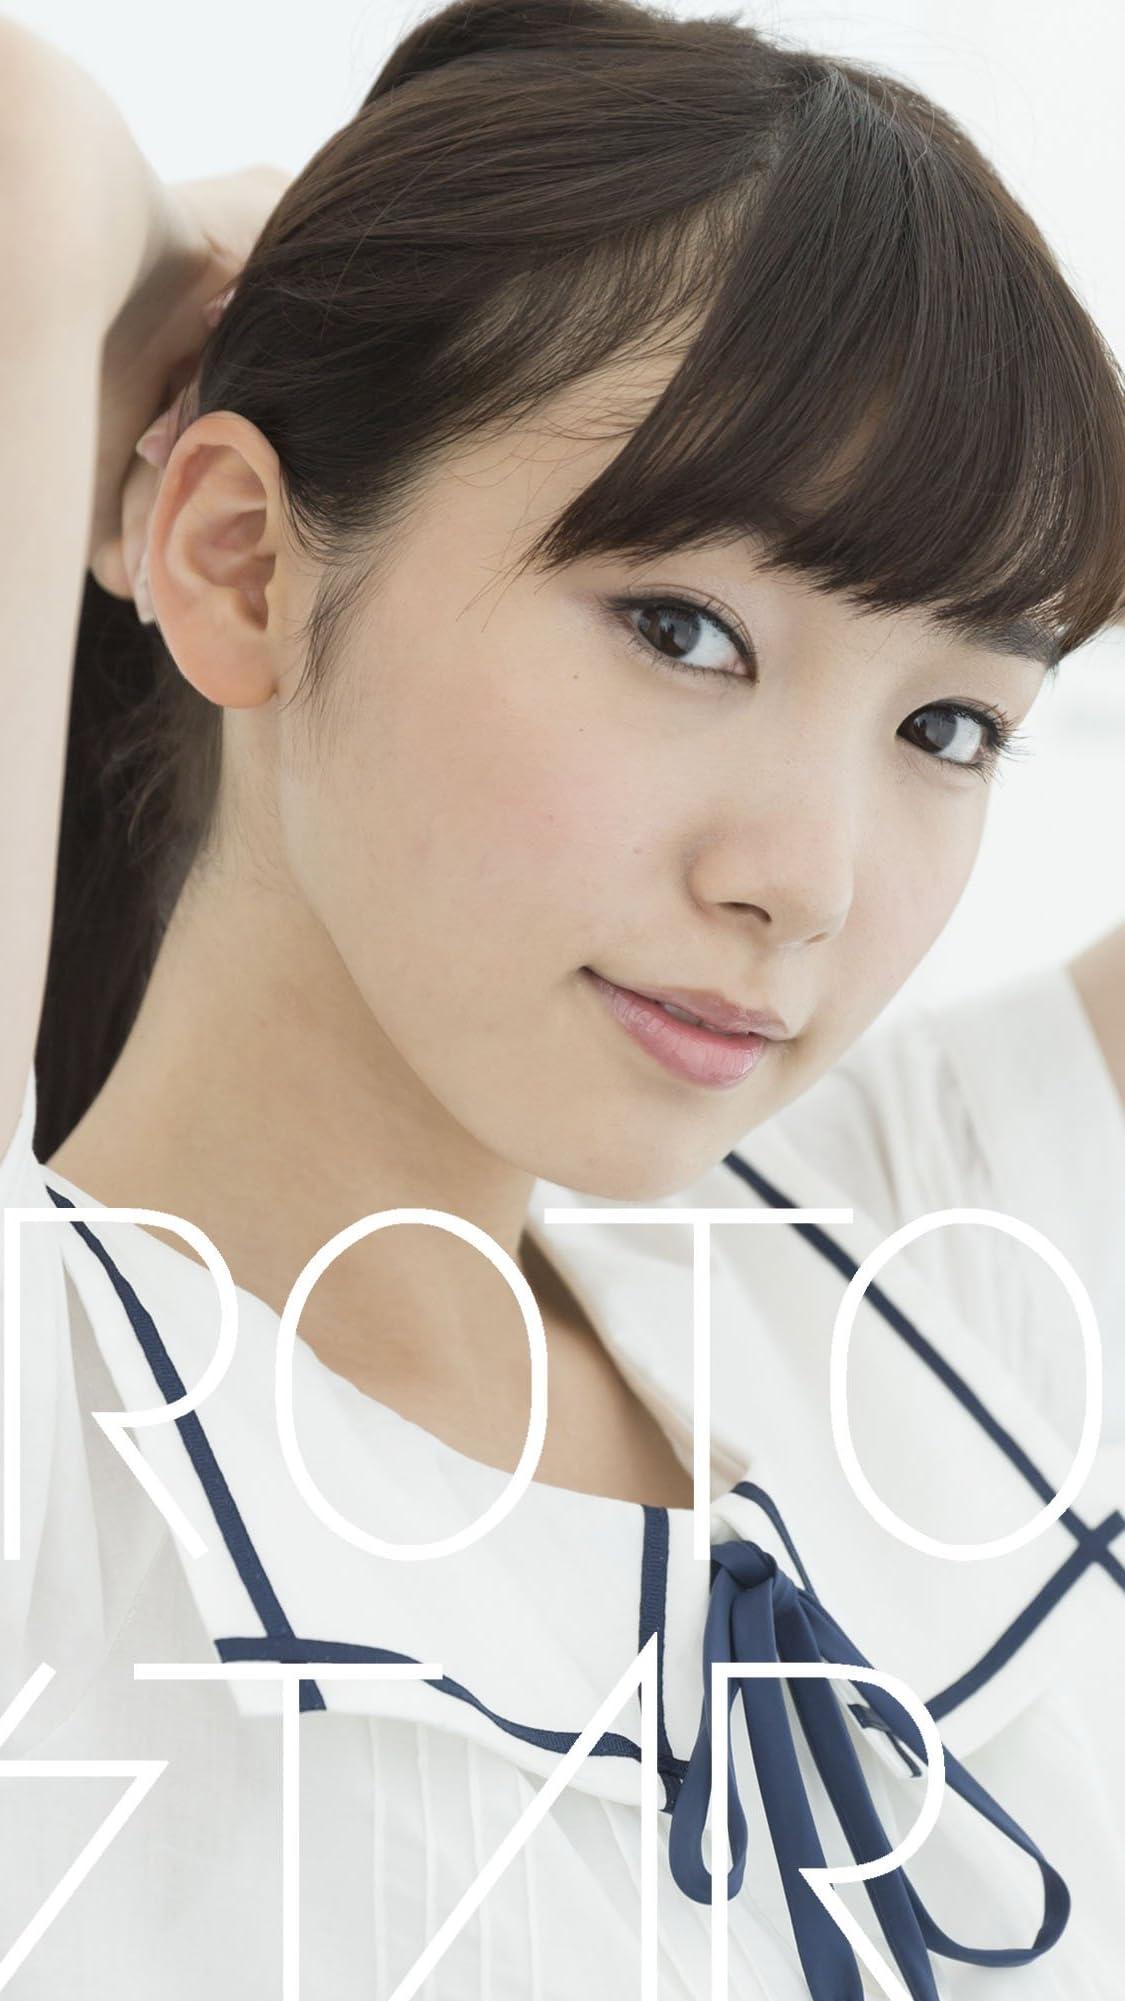 飯豊まりえ PROTO STAR vol.1 iPhone8,7,6 Plus 壁紙 拡大(1125×2001)画像